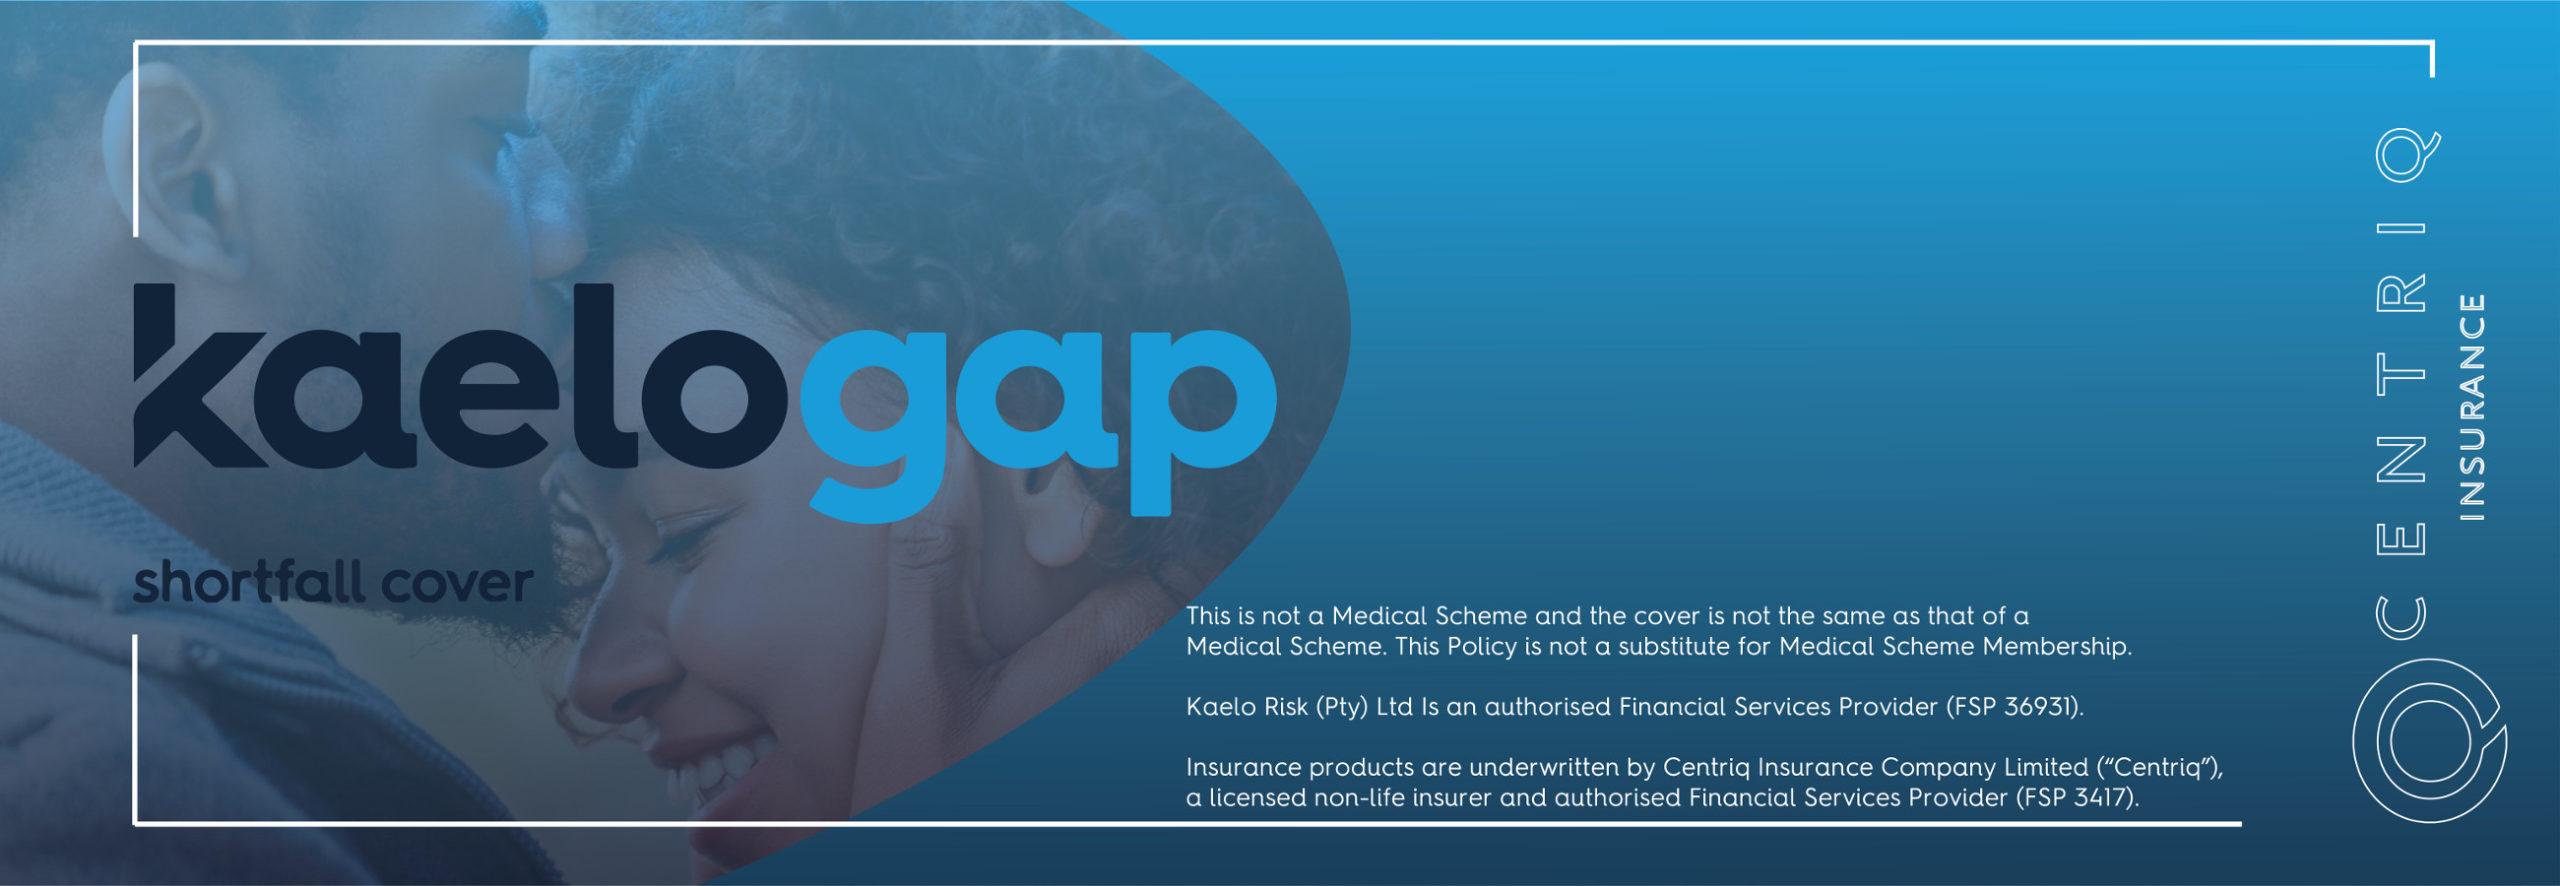 Kaelo Gap 2021